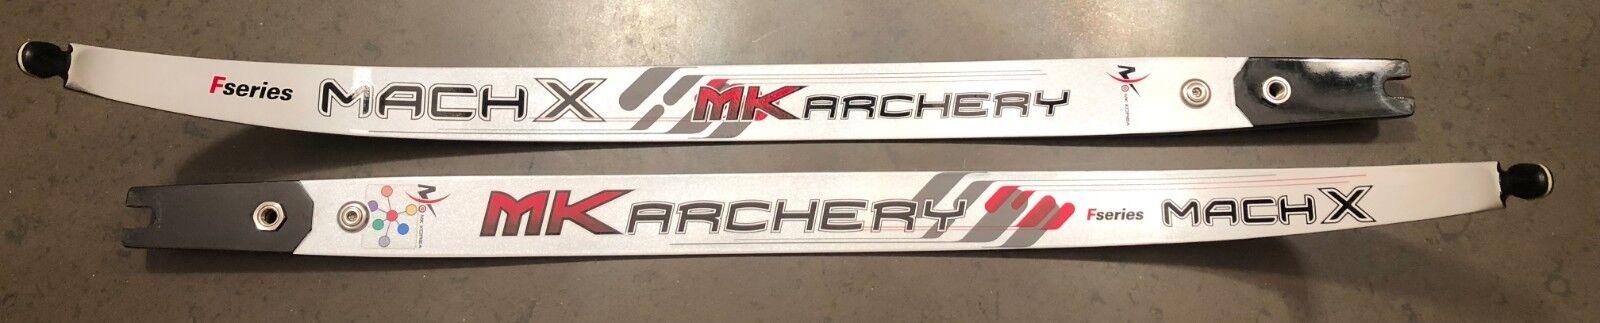 MK Korea Formula Mach X High Modulus Cochebon Foam latten   limbs 68  40 lbs